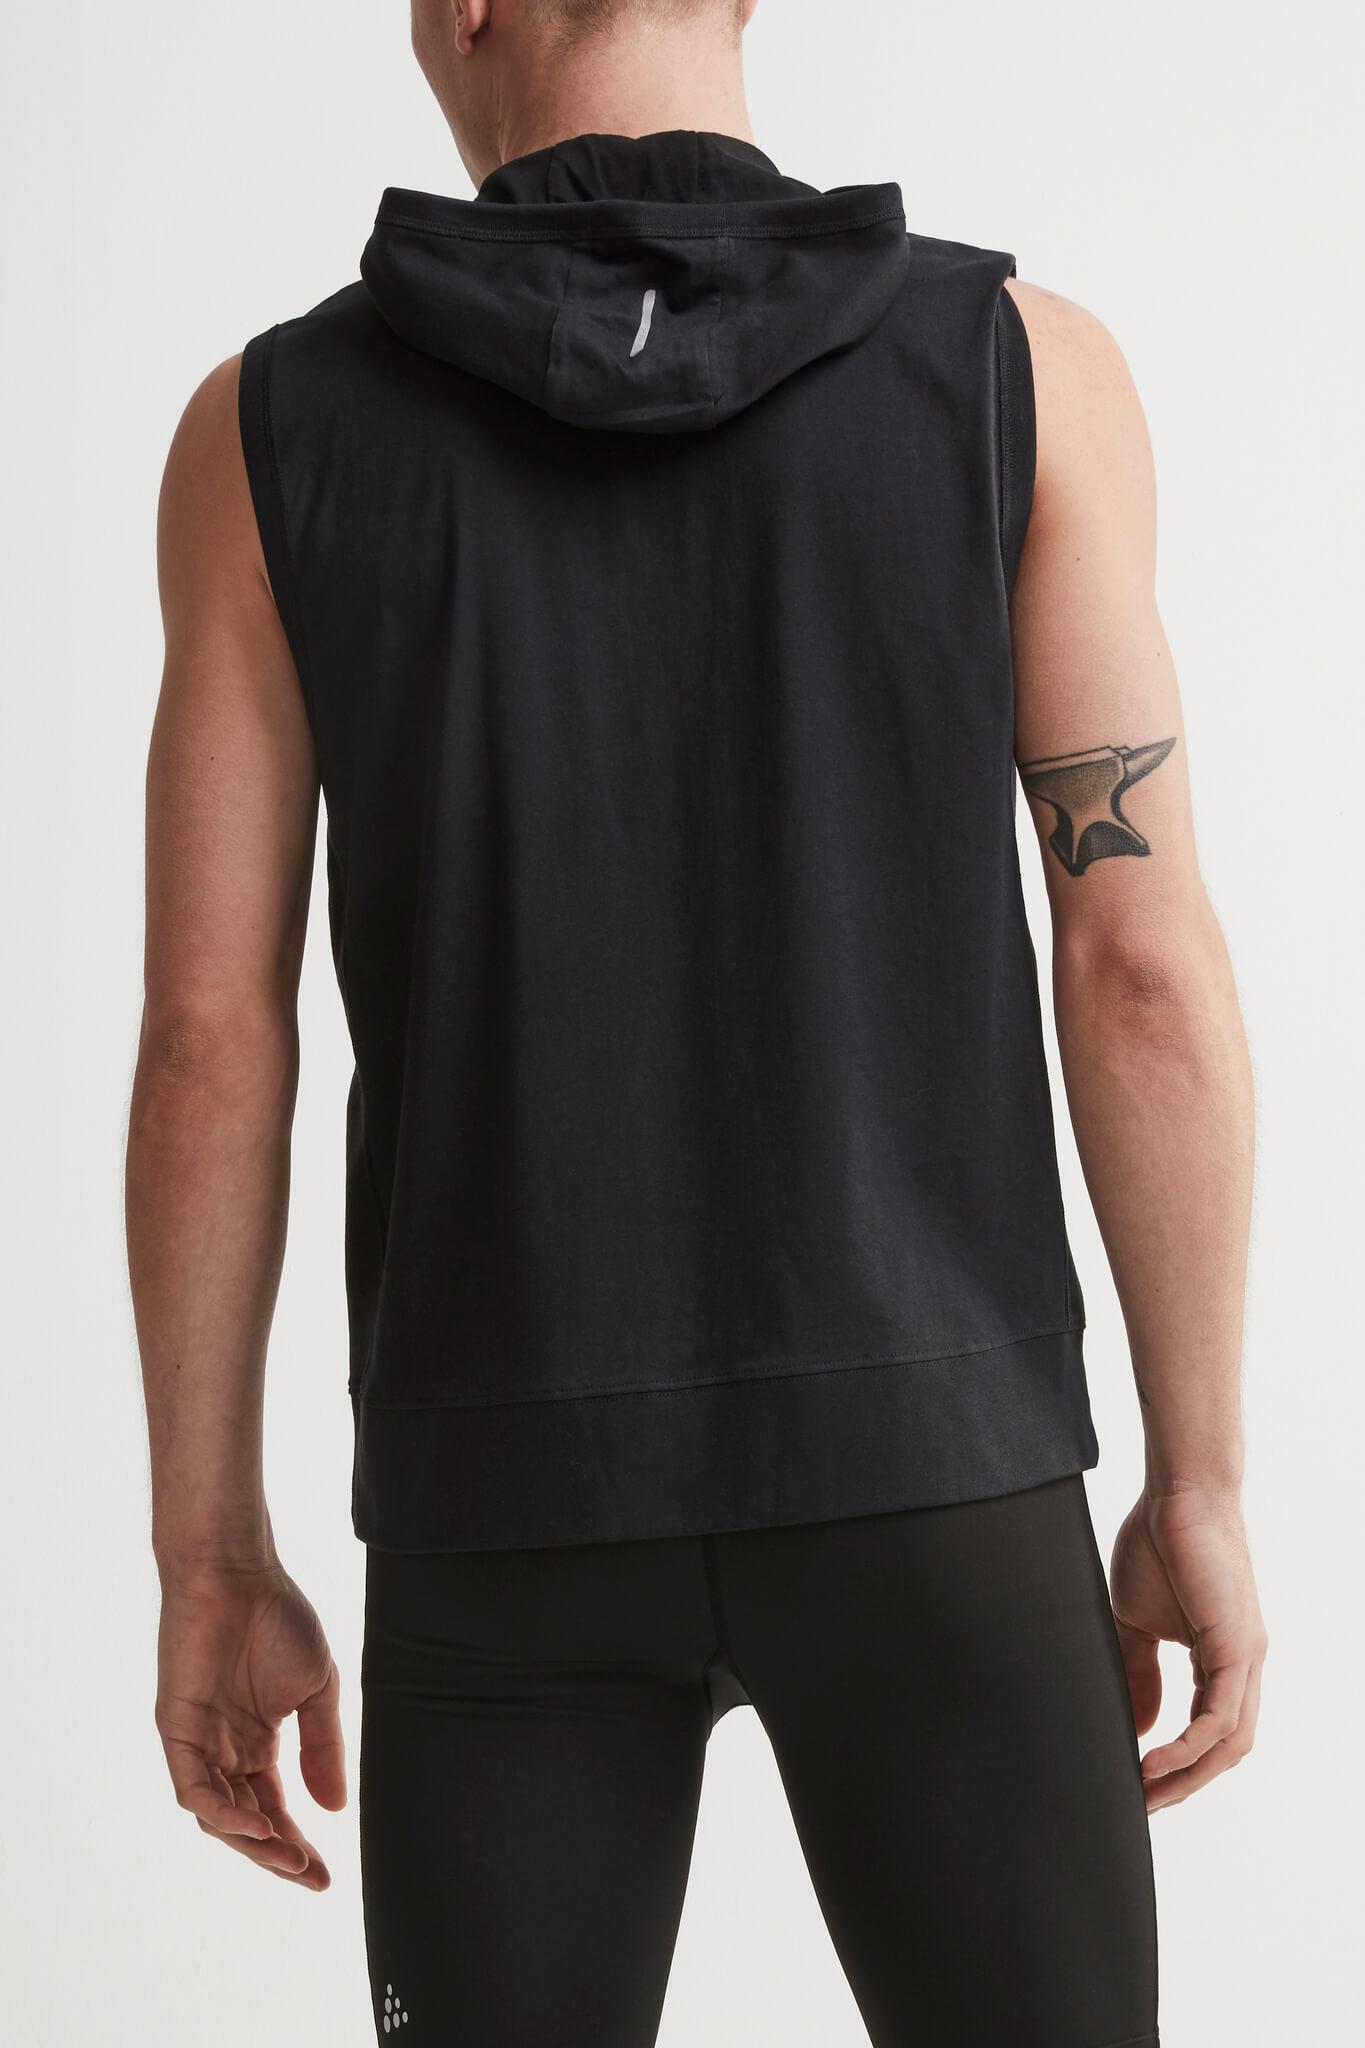 Craft Deft 2.0 толстовка с капюшоном мужская без рукавов black - 3